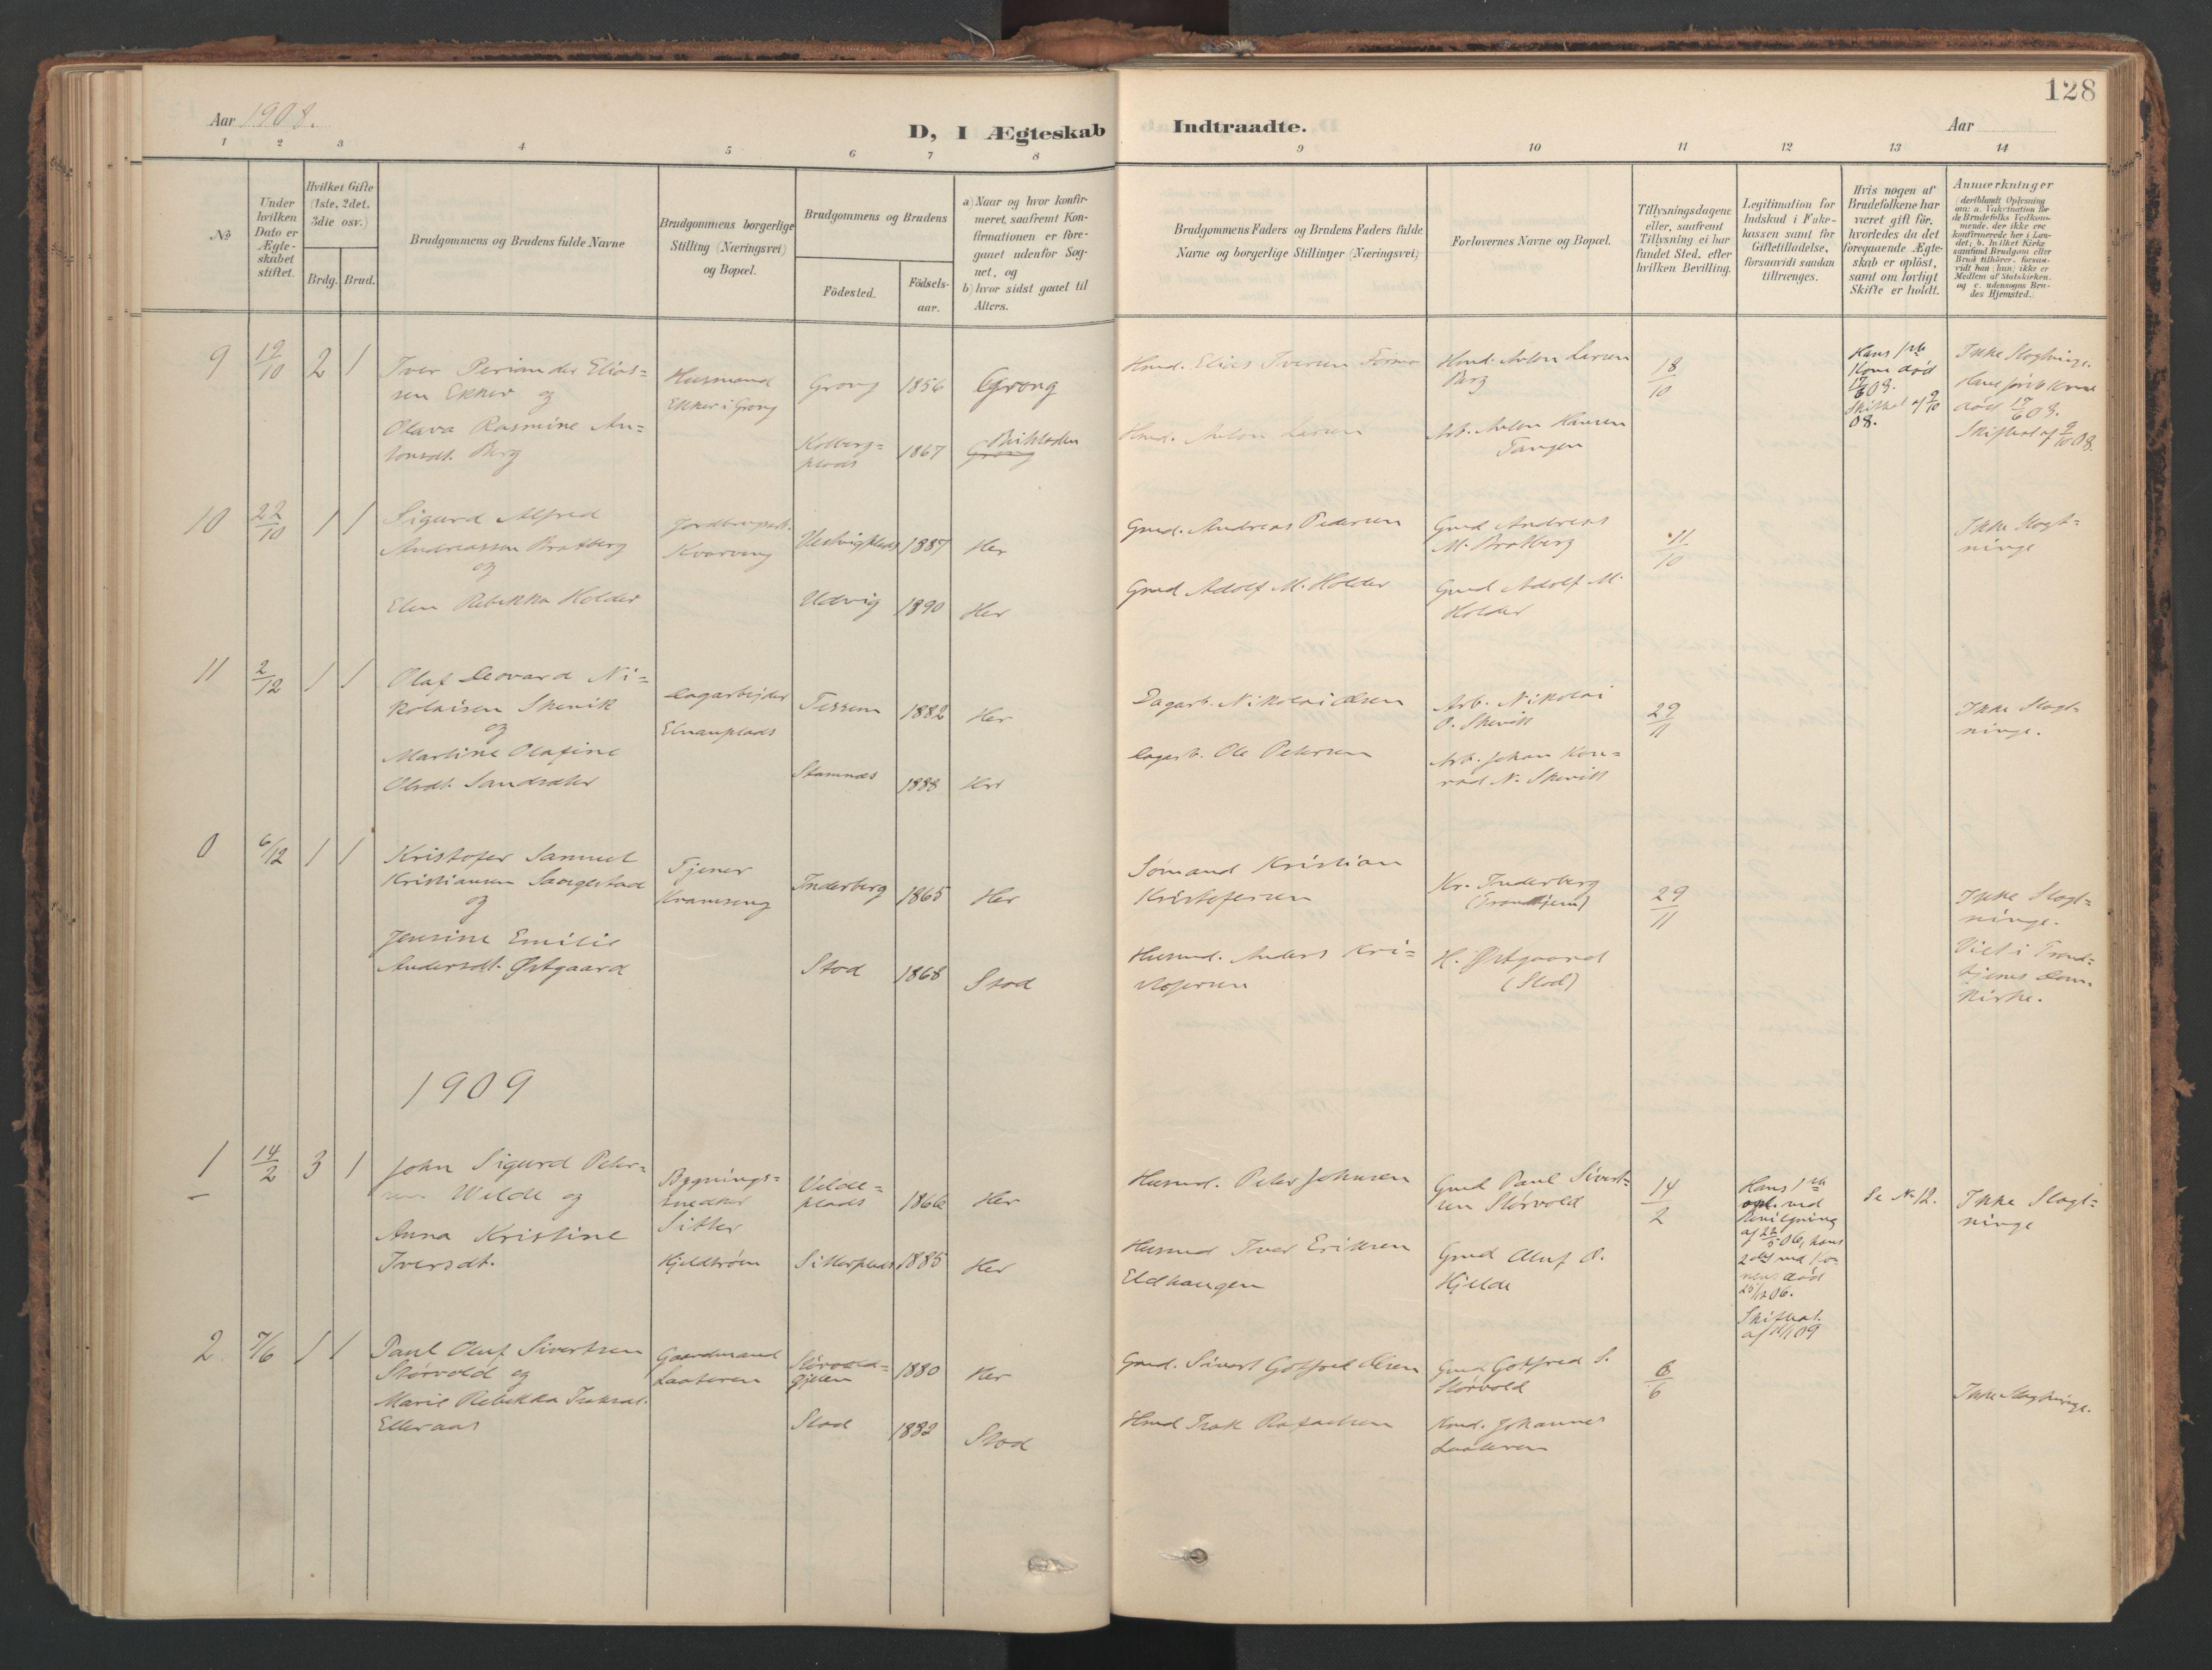 SAT, Ministerialprotokoller, klokkerbøker og fødselsregistre - Nord-Trøndelag, 741/L0397: Ministerialbok nr. 741A11, 1901-1911, s. 128